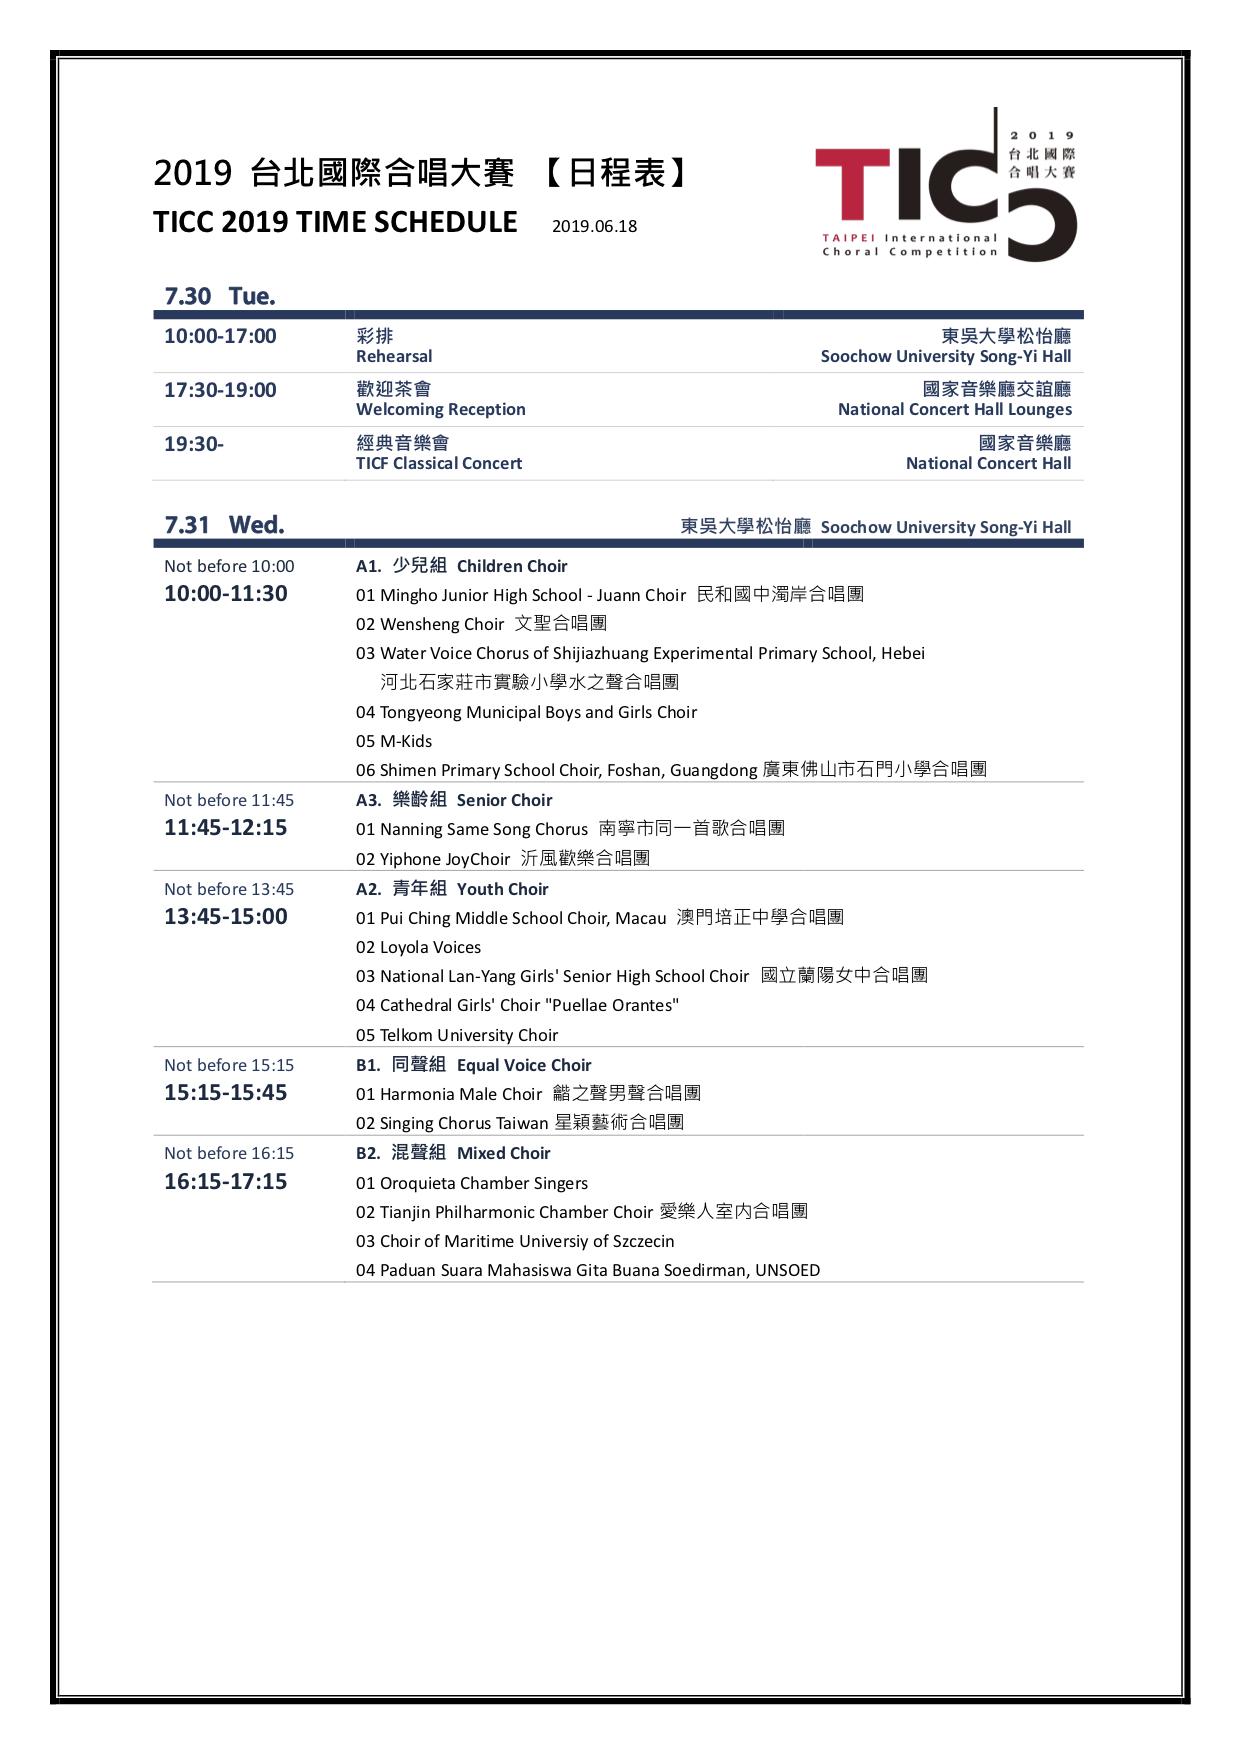 2019 台北國際合唱大賽每日行程表.jpg